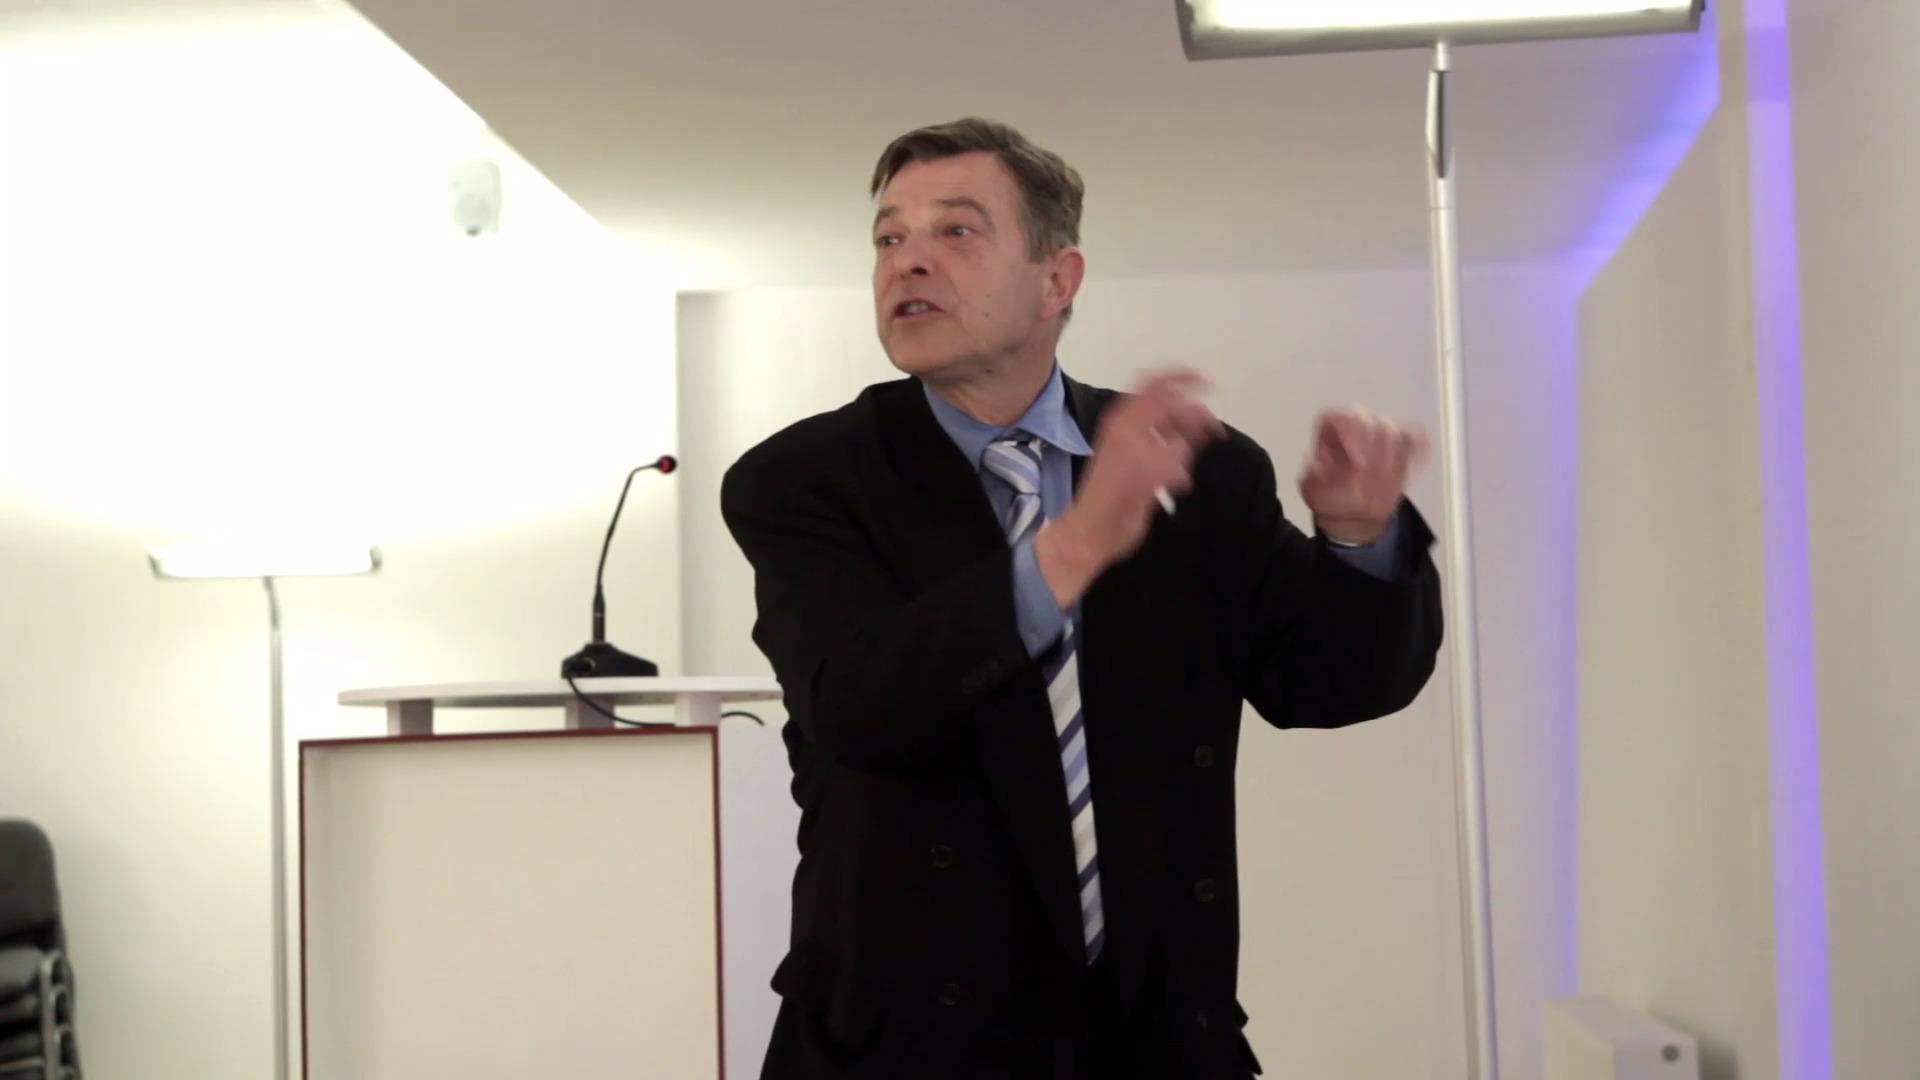 Bernd Jaenicke